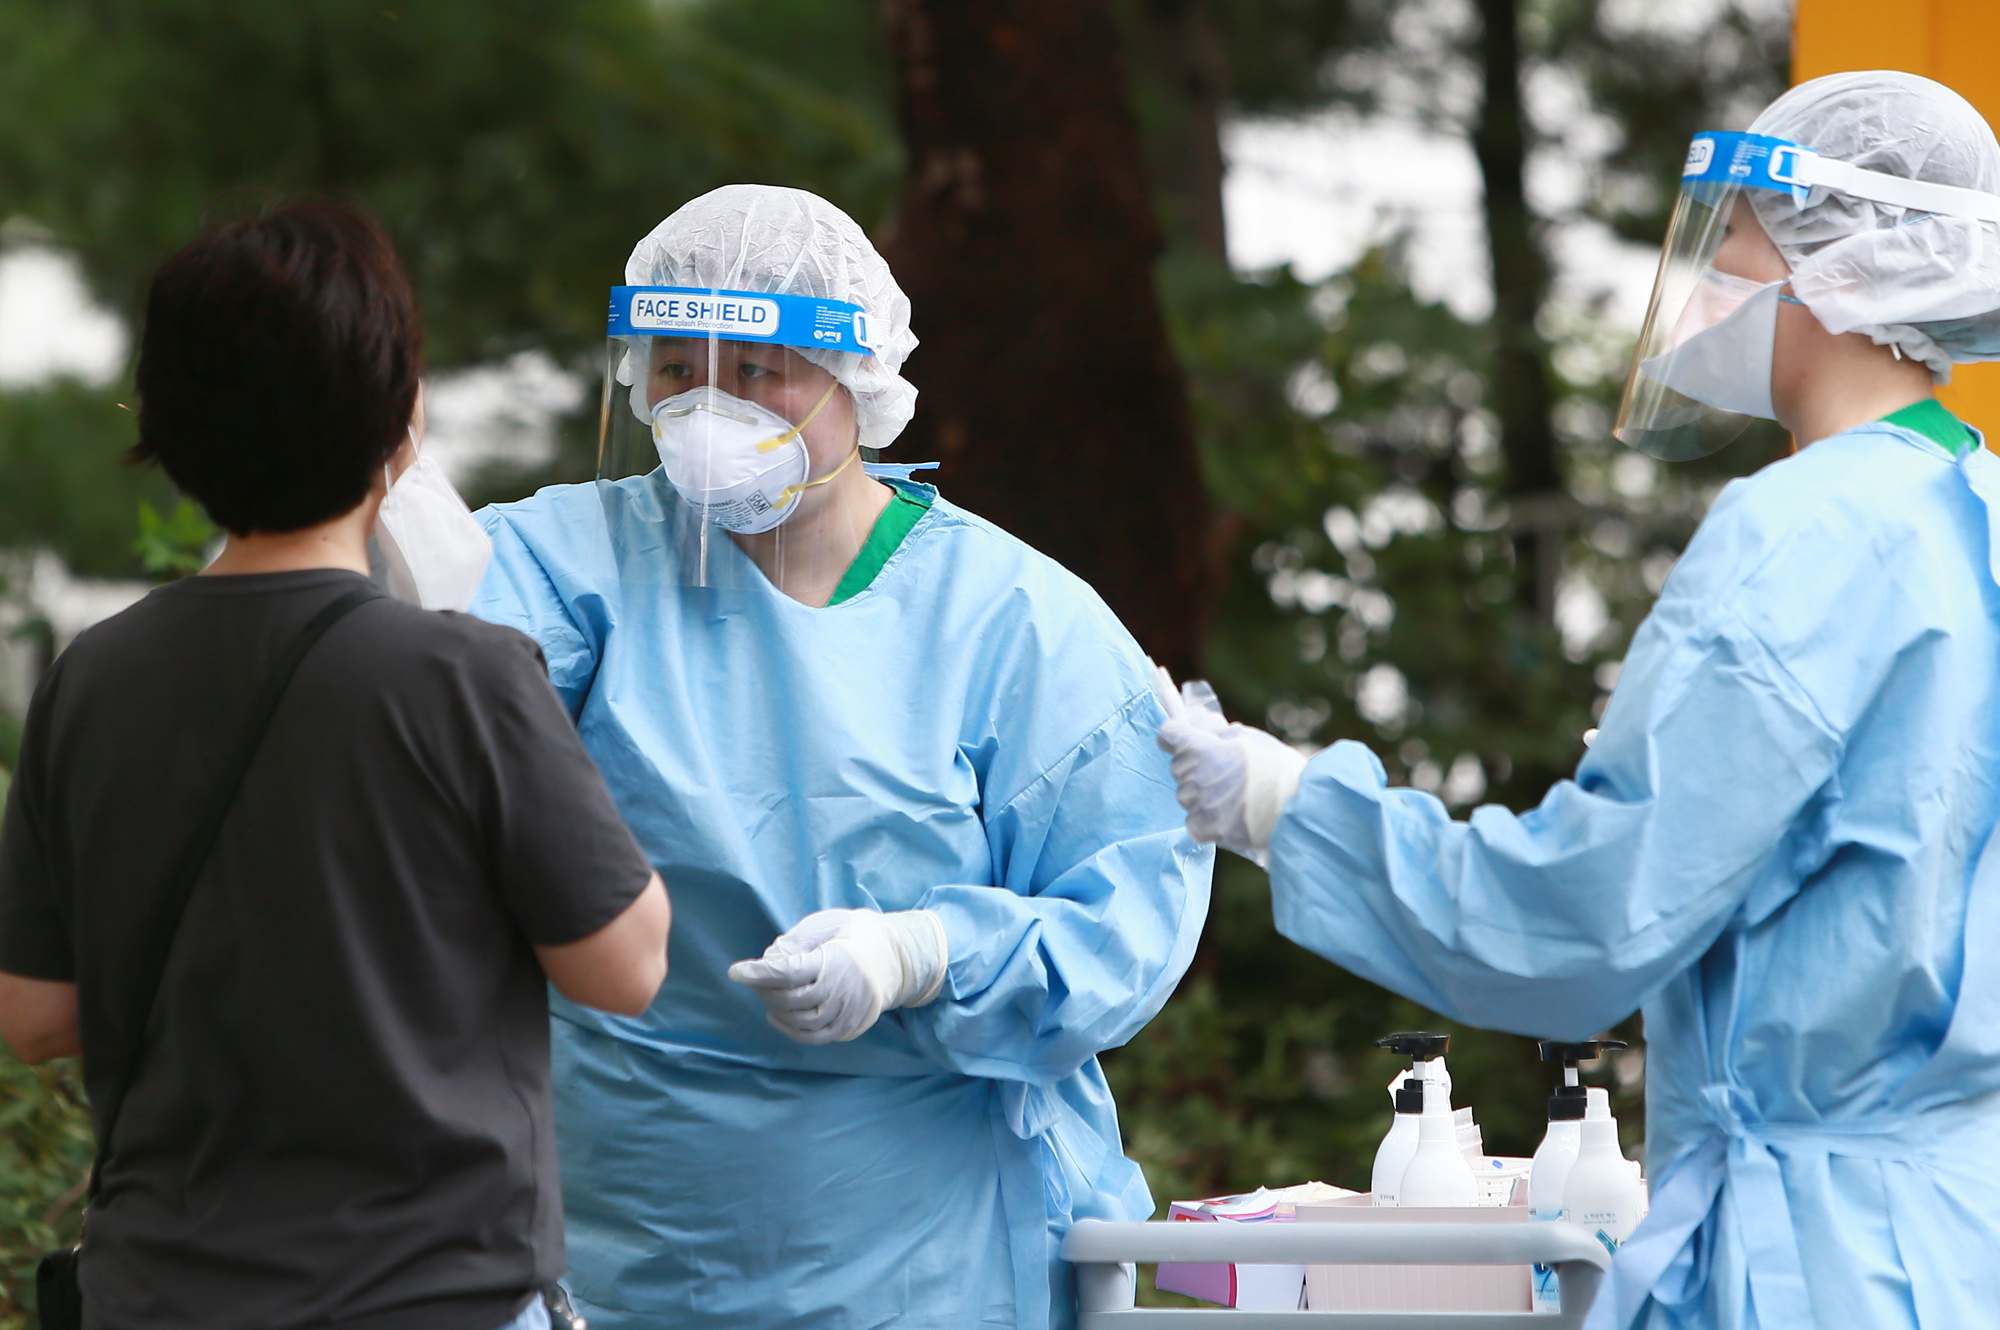 정부가 강화된 방역‧의료 역량 및 예방접종 진행 상황을 반영한 새로운 사회적거리두기 개편안을 마련해 7월 1일부터 시행한다.